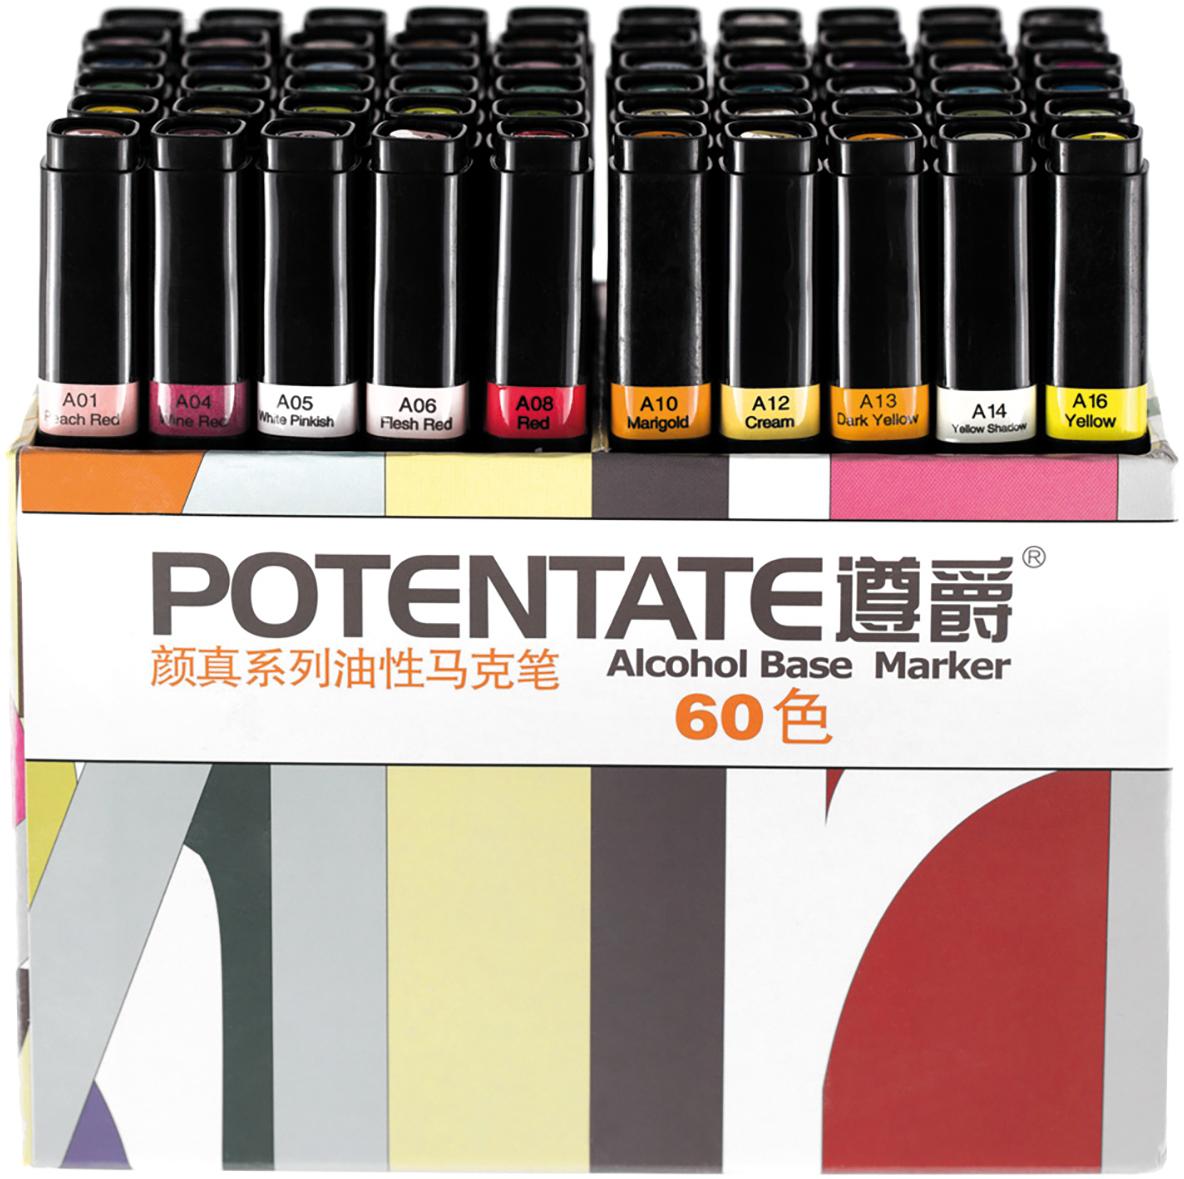 """Potentate Набор маркеров Box Set 60 цветов010111Спиртовые маркеры Potentate обладают всеми необходимыми качествами для рисования скетчей на любую тематику. Широкая цветовая палитра дает возможность прорабатывать переходы между оттенками. Каждый маркер имеет два пера: тонкое для прорисовки мелких деталей и широкое-долото для закрашивания больших поверхностей. Плотно закрывающийся колпачок предохраняет маркер от высыхания, а цветовая полоска на корпусе маркера соответствует цвету выкраски и позволяет легко ориентироваться при подборе палитры. Маркеры быстро высыхают на бумаге. Под маркой POTENTATE доступны маркеры поштучно и в наборах от 12 до 120 цветов. Маркеры подойдут для тех, кто хочет рисовать много и нарабатывать навыки скетчинга без ограничений в средствах. В отличие от большинства китайских OEM маркеров на заказ для европейцев, маркеры POTENTATE являются """"родным"""" брендом крупнейшего производителя маркеров в Китае и им уделяется больше внимания по качеству продукции собственной марки. В наборе 60 цветов: А100, А101, А104, А105, А107, А111, А112, А114, А115, А17, А120, А05, А78, А80, А82, А86, А87, А93, А95, А96, А99, А01, А04, А08, А56, А58, А59, А61, А64, А66, А69, А71, А73, А76, А12, А13, А35, А37, А40, А43, А44, А46, А50, А52, А54, А55, А30, А31, А17, А20, А21, А23, А26, А28, А29, А16, А06, А34, А14, А10. Основные характеристики: - палитра 120 цветов; - два пера: тонкое и широкое-долото - удобный квадратный корпус, маркеры на скатываются по столу; - индикатор цвета на корпусе маркера и колпачке; - спиртовые, быстро высыхают на бумаге; - низкий расход чернил; - прозрачные цвета для проработки переходов; - блендер для размывок и эффектов;"""